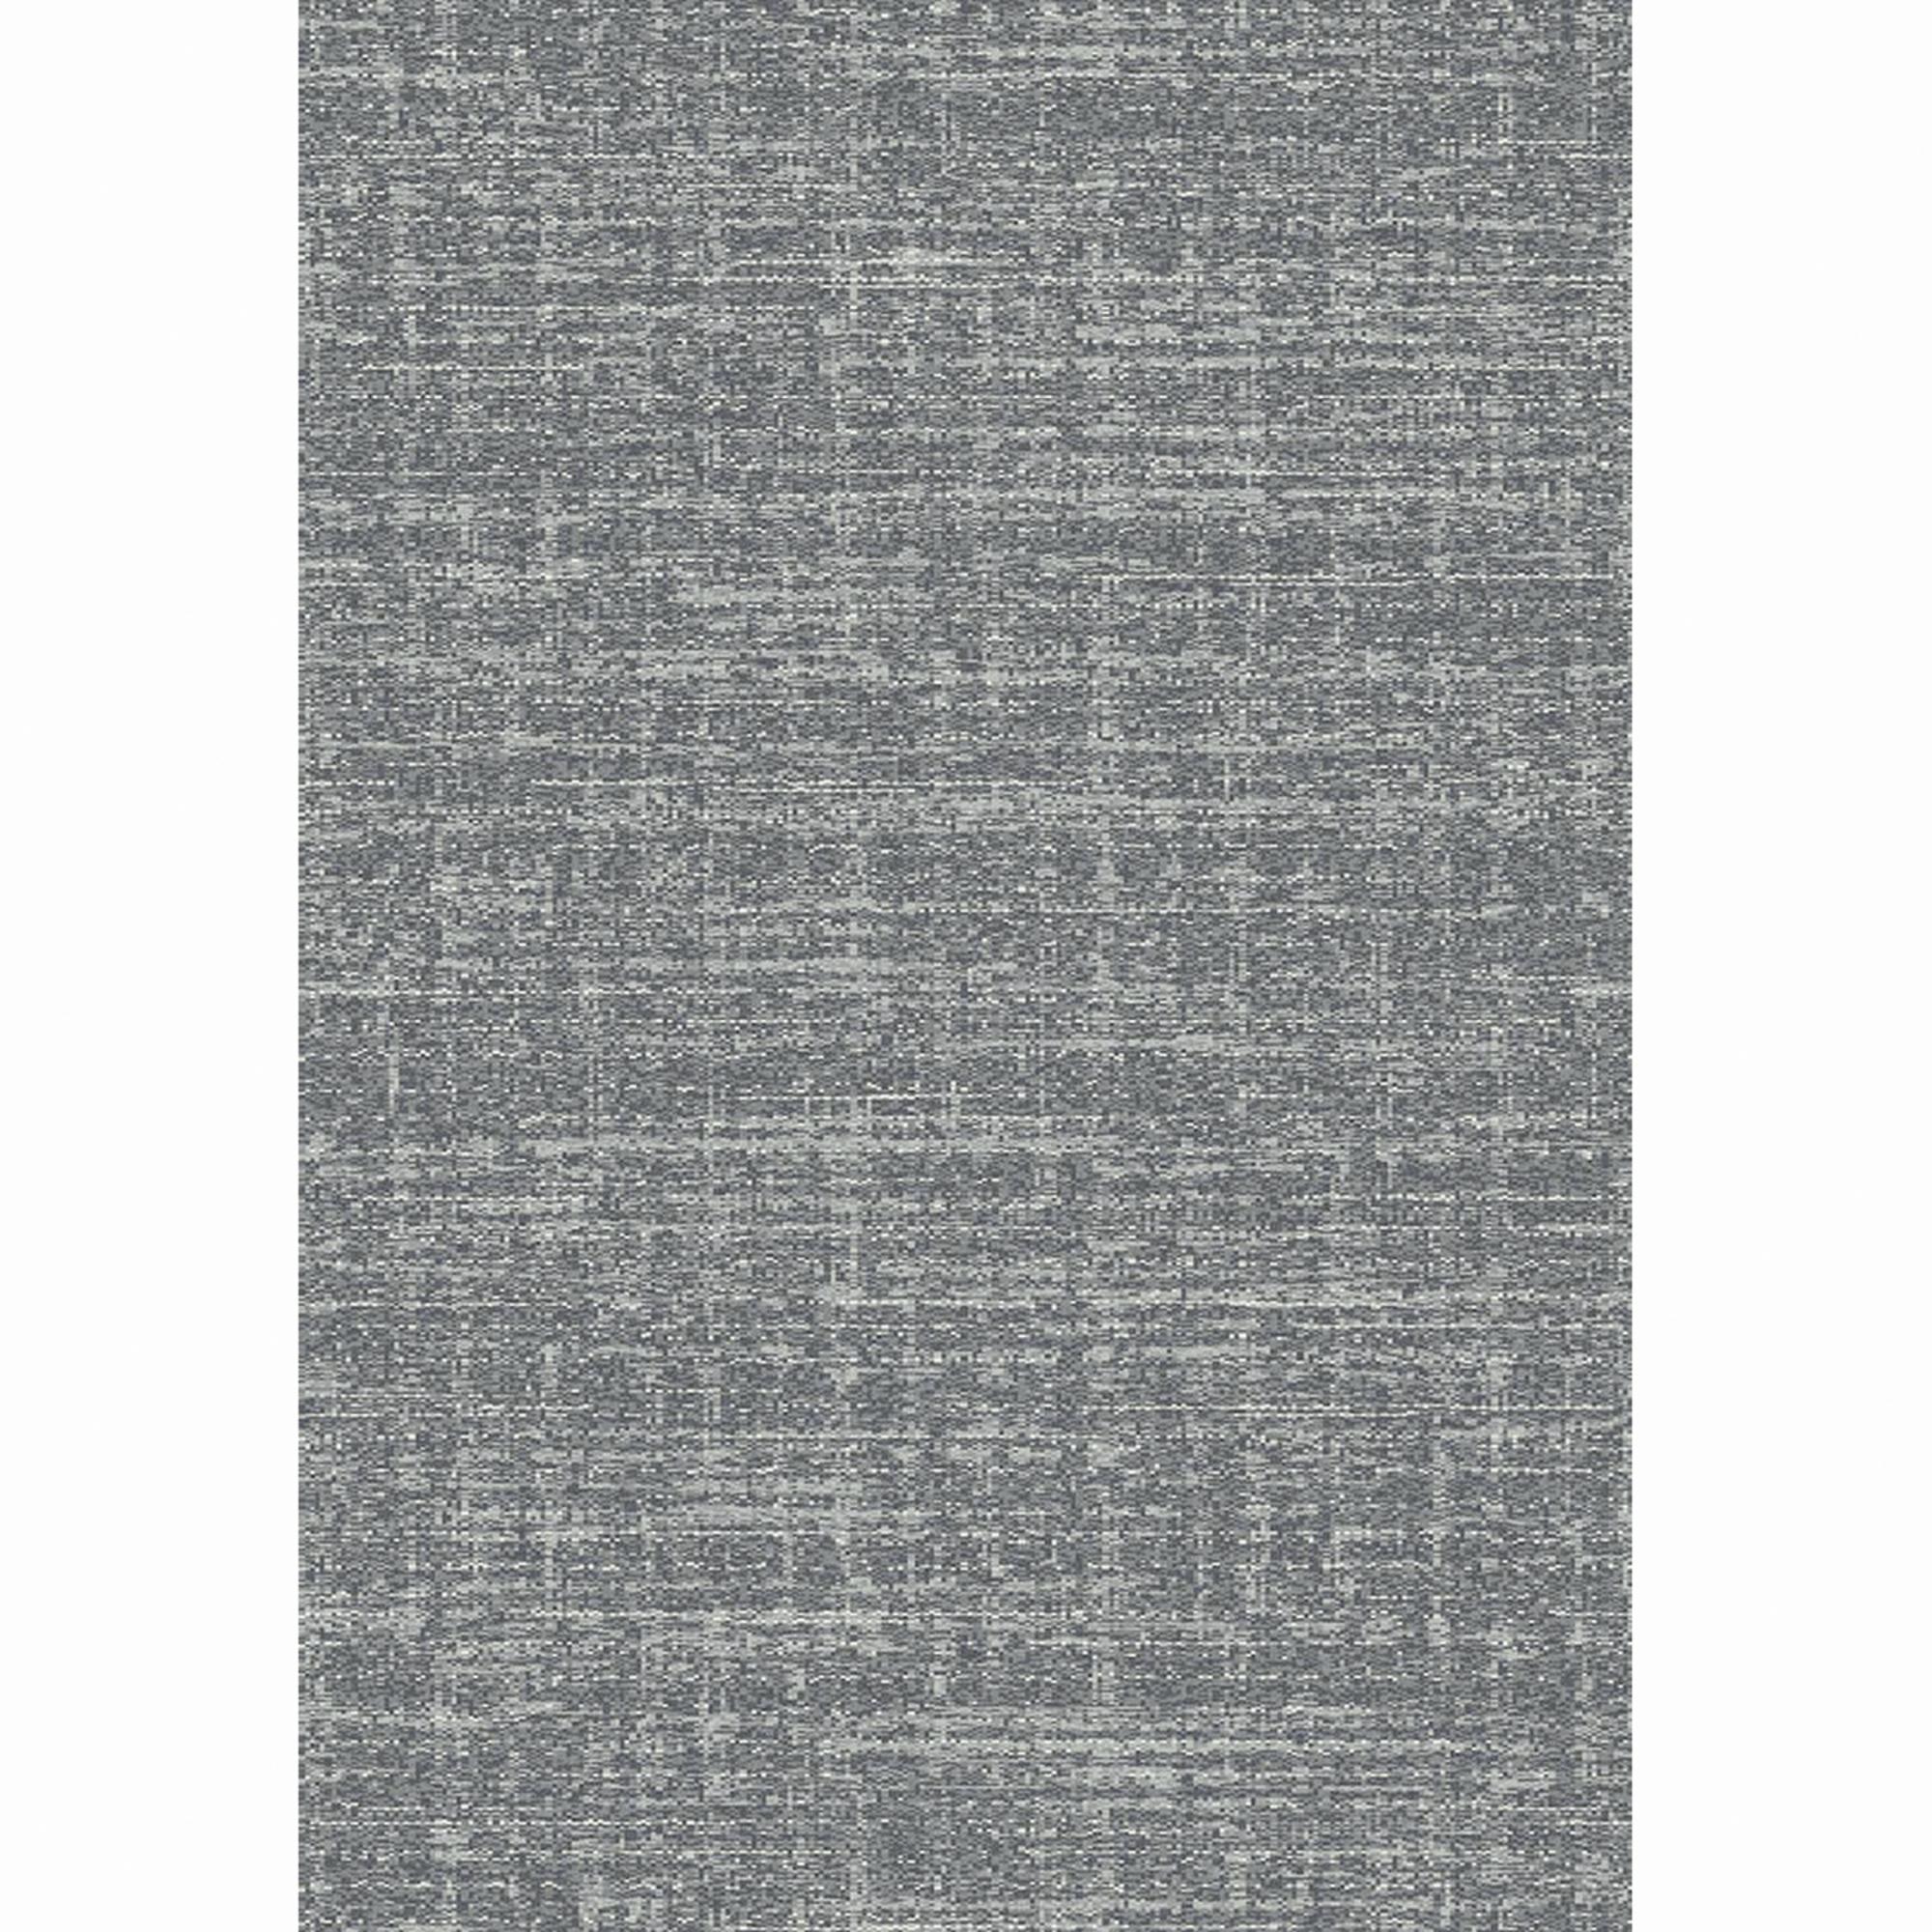 axe tapis ray bleu et gris 100 coton tissage entrelac la. Black Bedroom Furniture Sets. Home Design Ideas